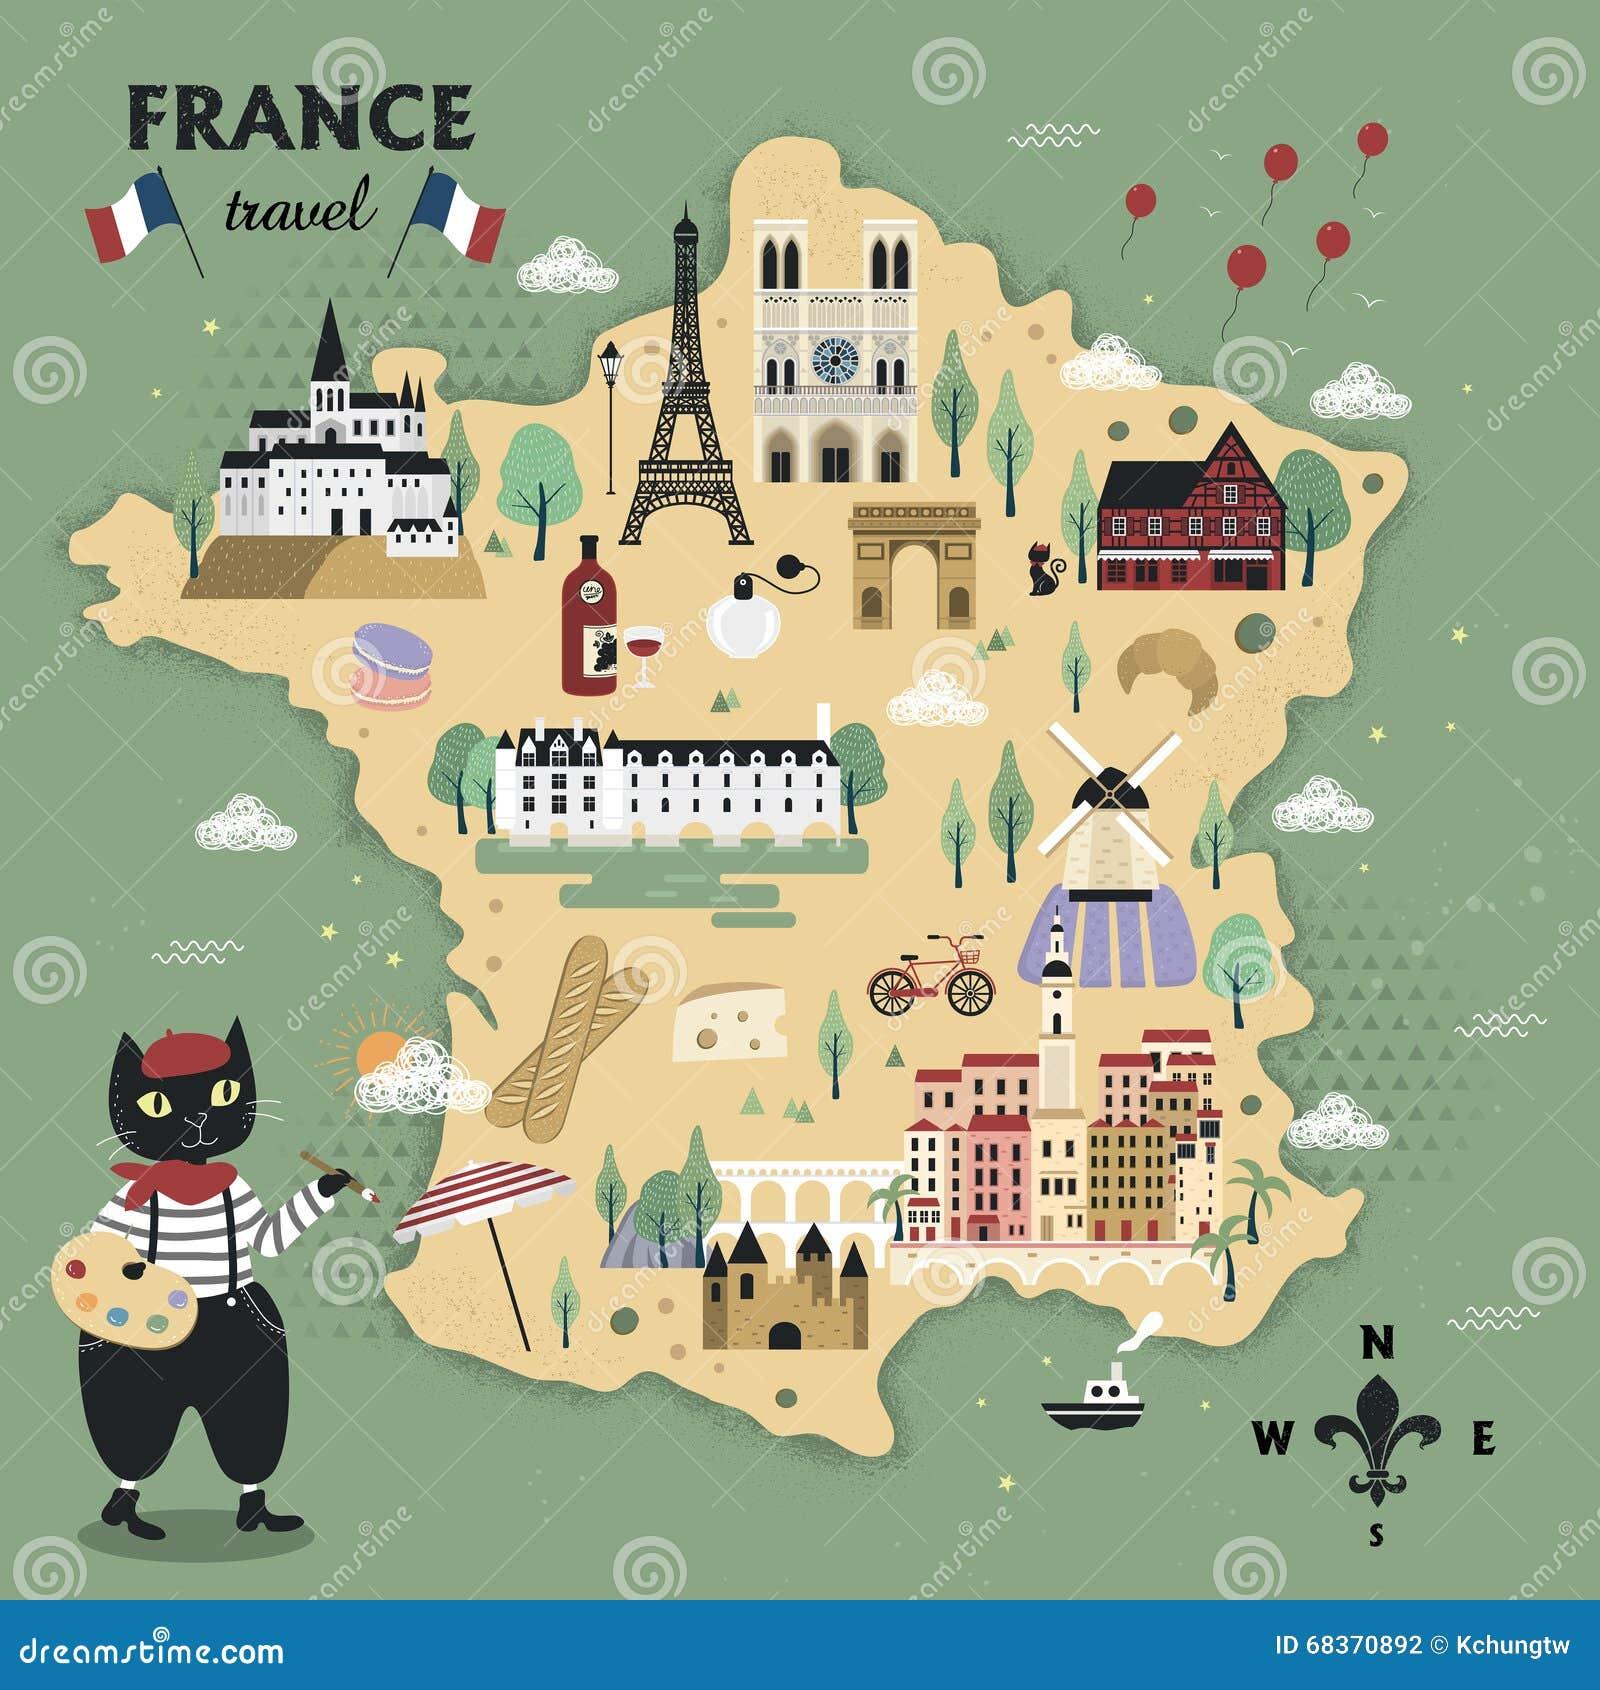 Cartina Della Francia Con Monumenti.Mappa Adorabile Di Viaggio Della Francia Illustrazione Vettoriale Illustrazione Di Estratto Vacanza 68370892